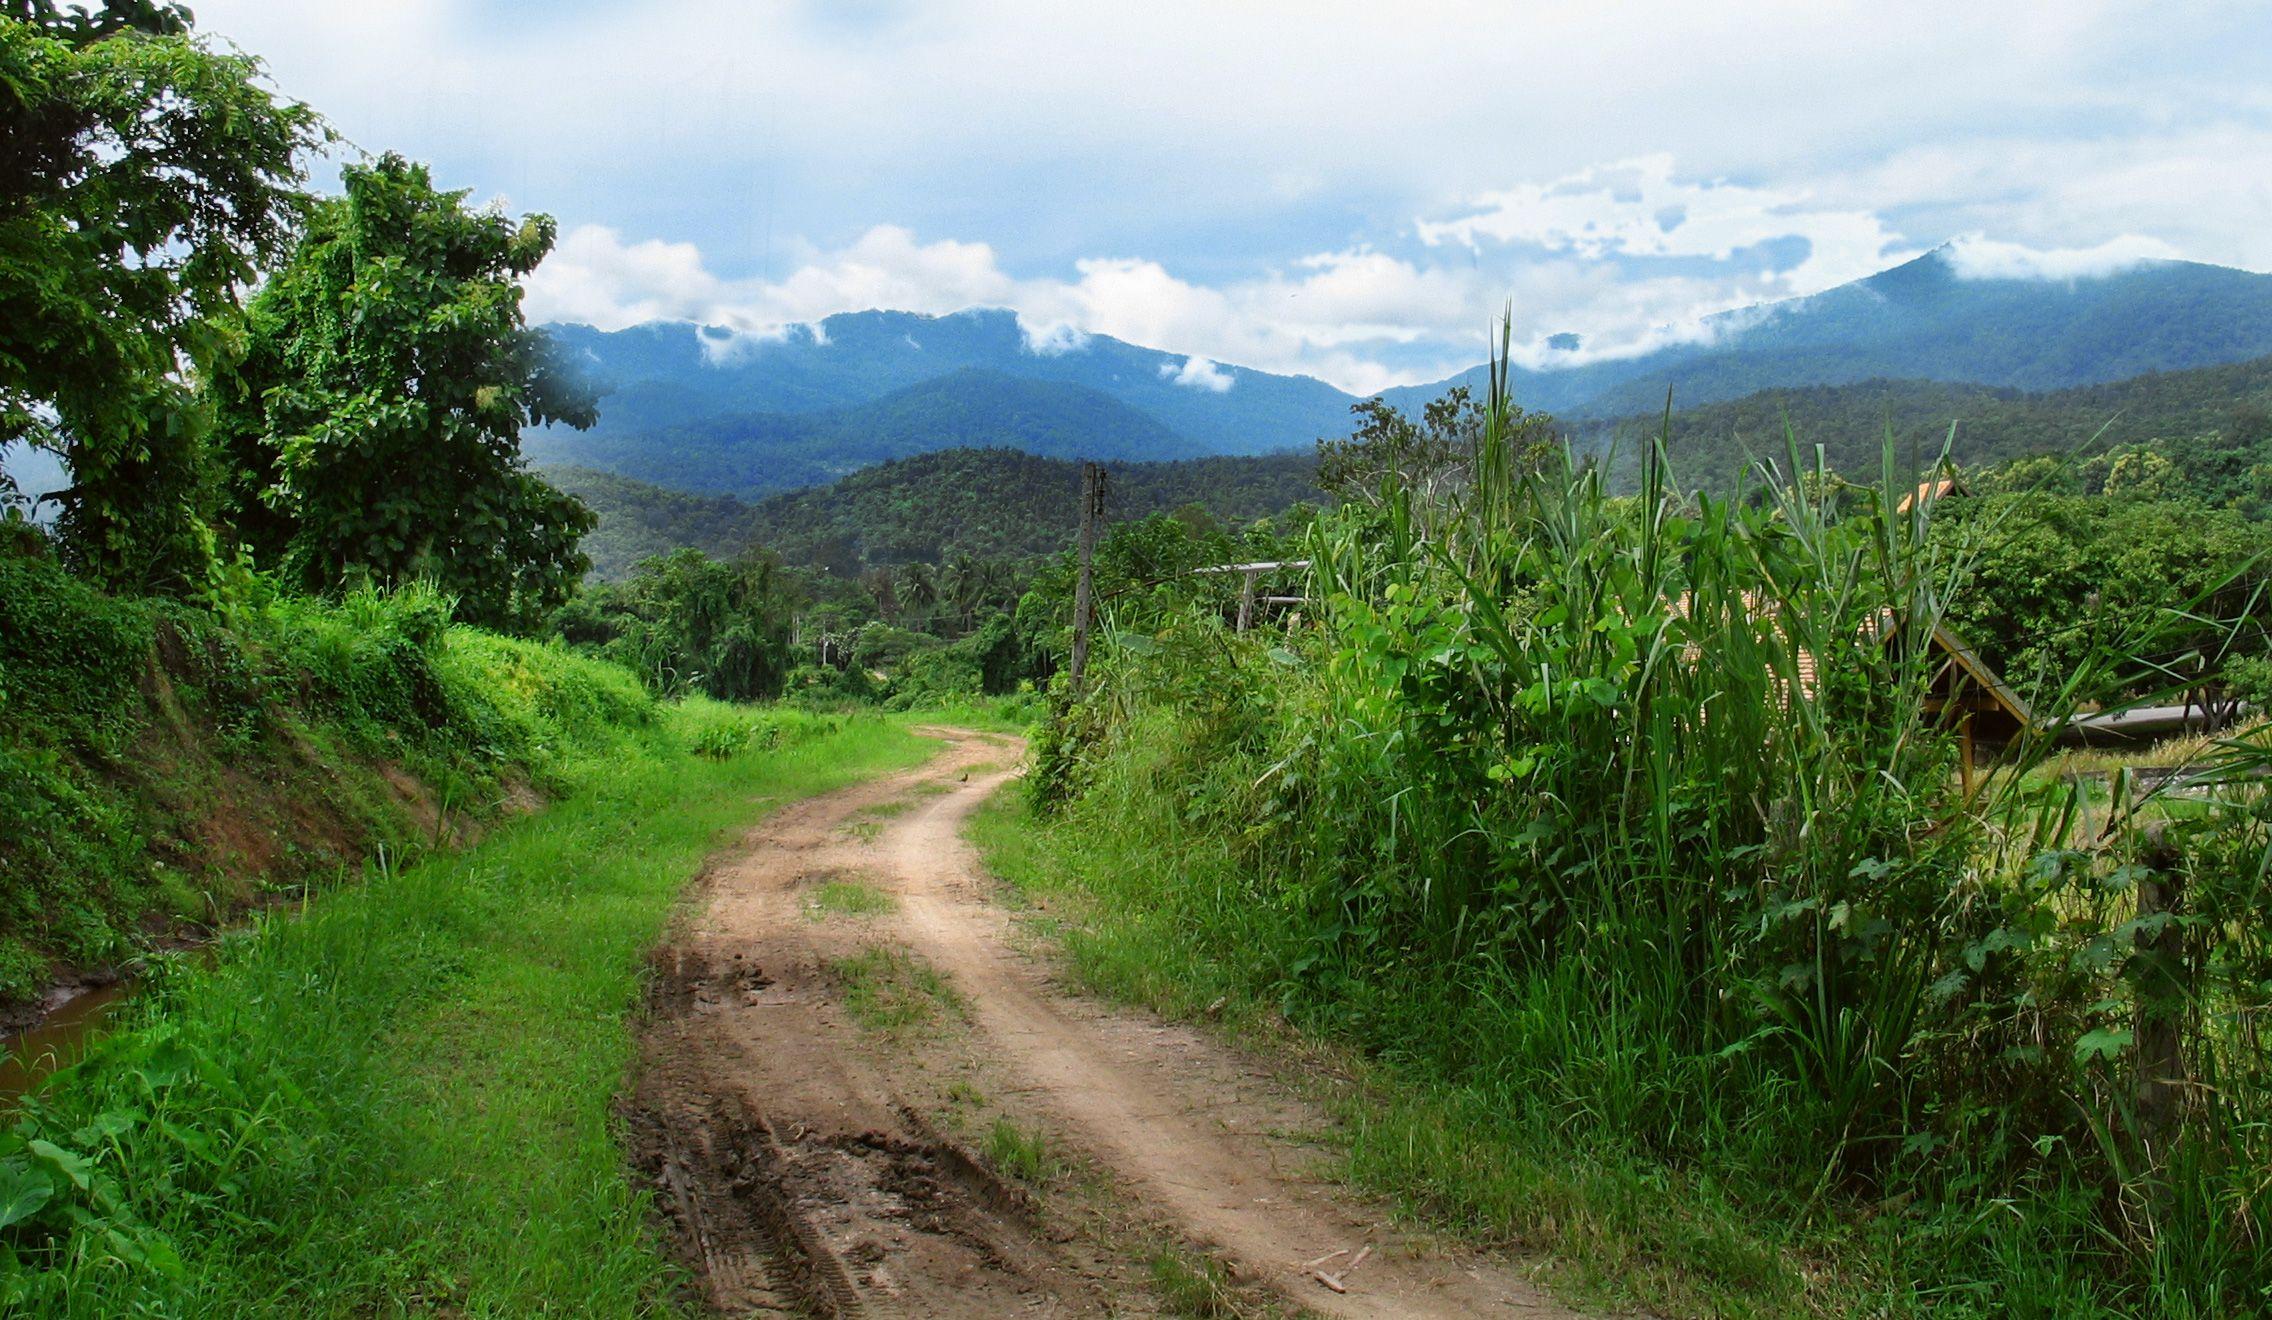 Parque Nacional Doi Suthep Pui